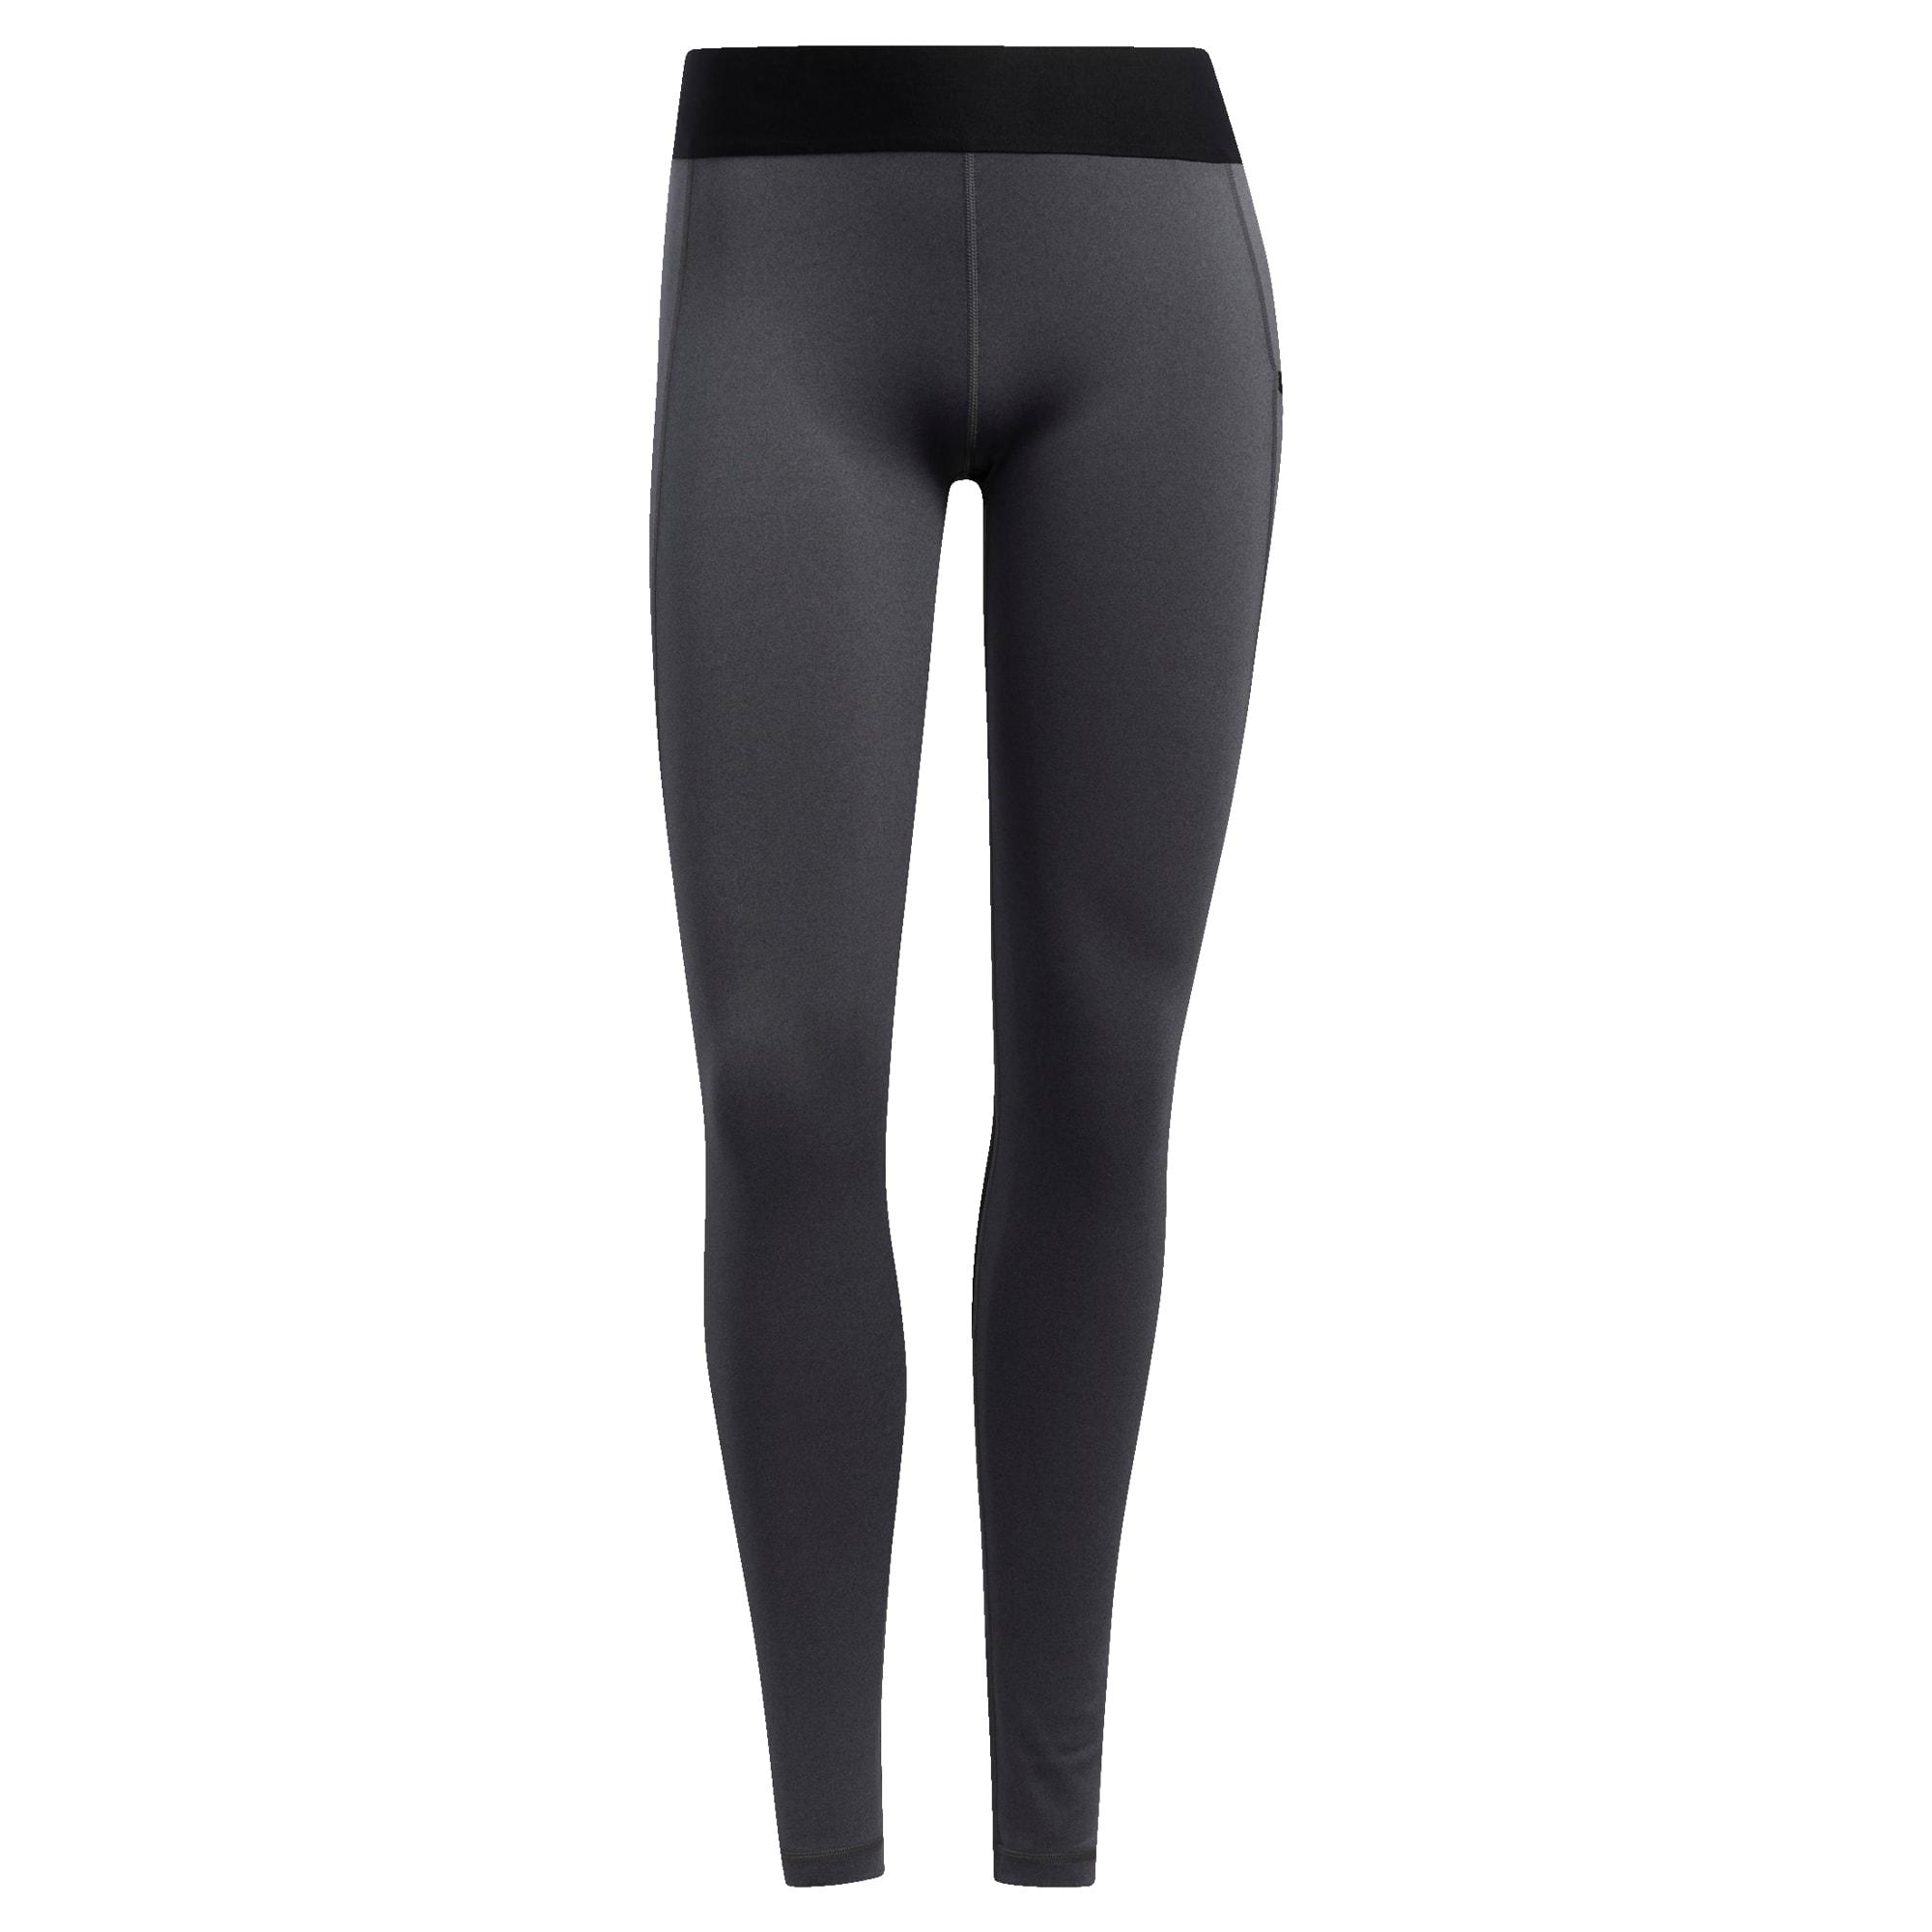 ADIDAS PERFORMANCE Sportinės kelnės 'Alphaskin' juoda / tamsiai pilka